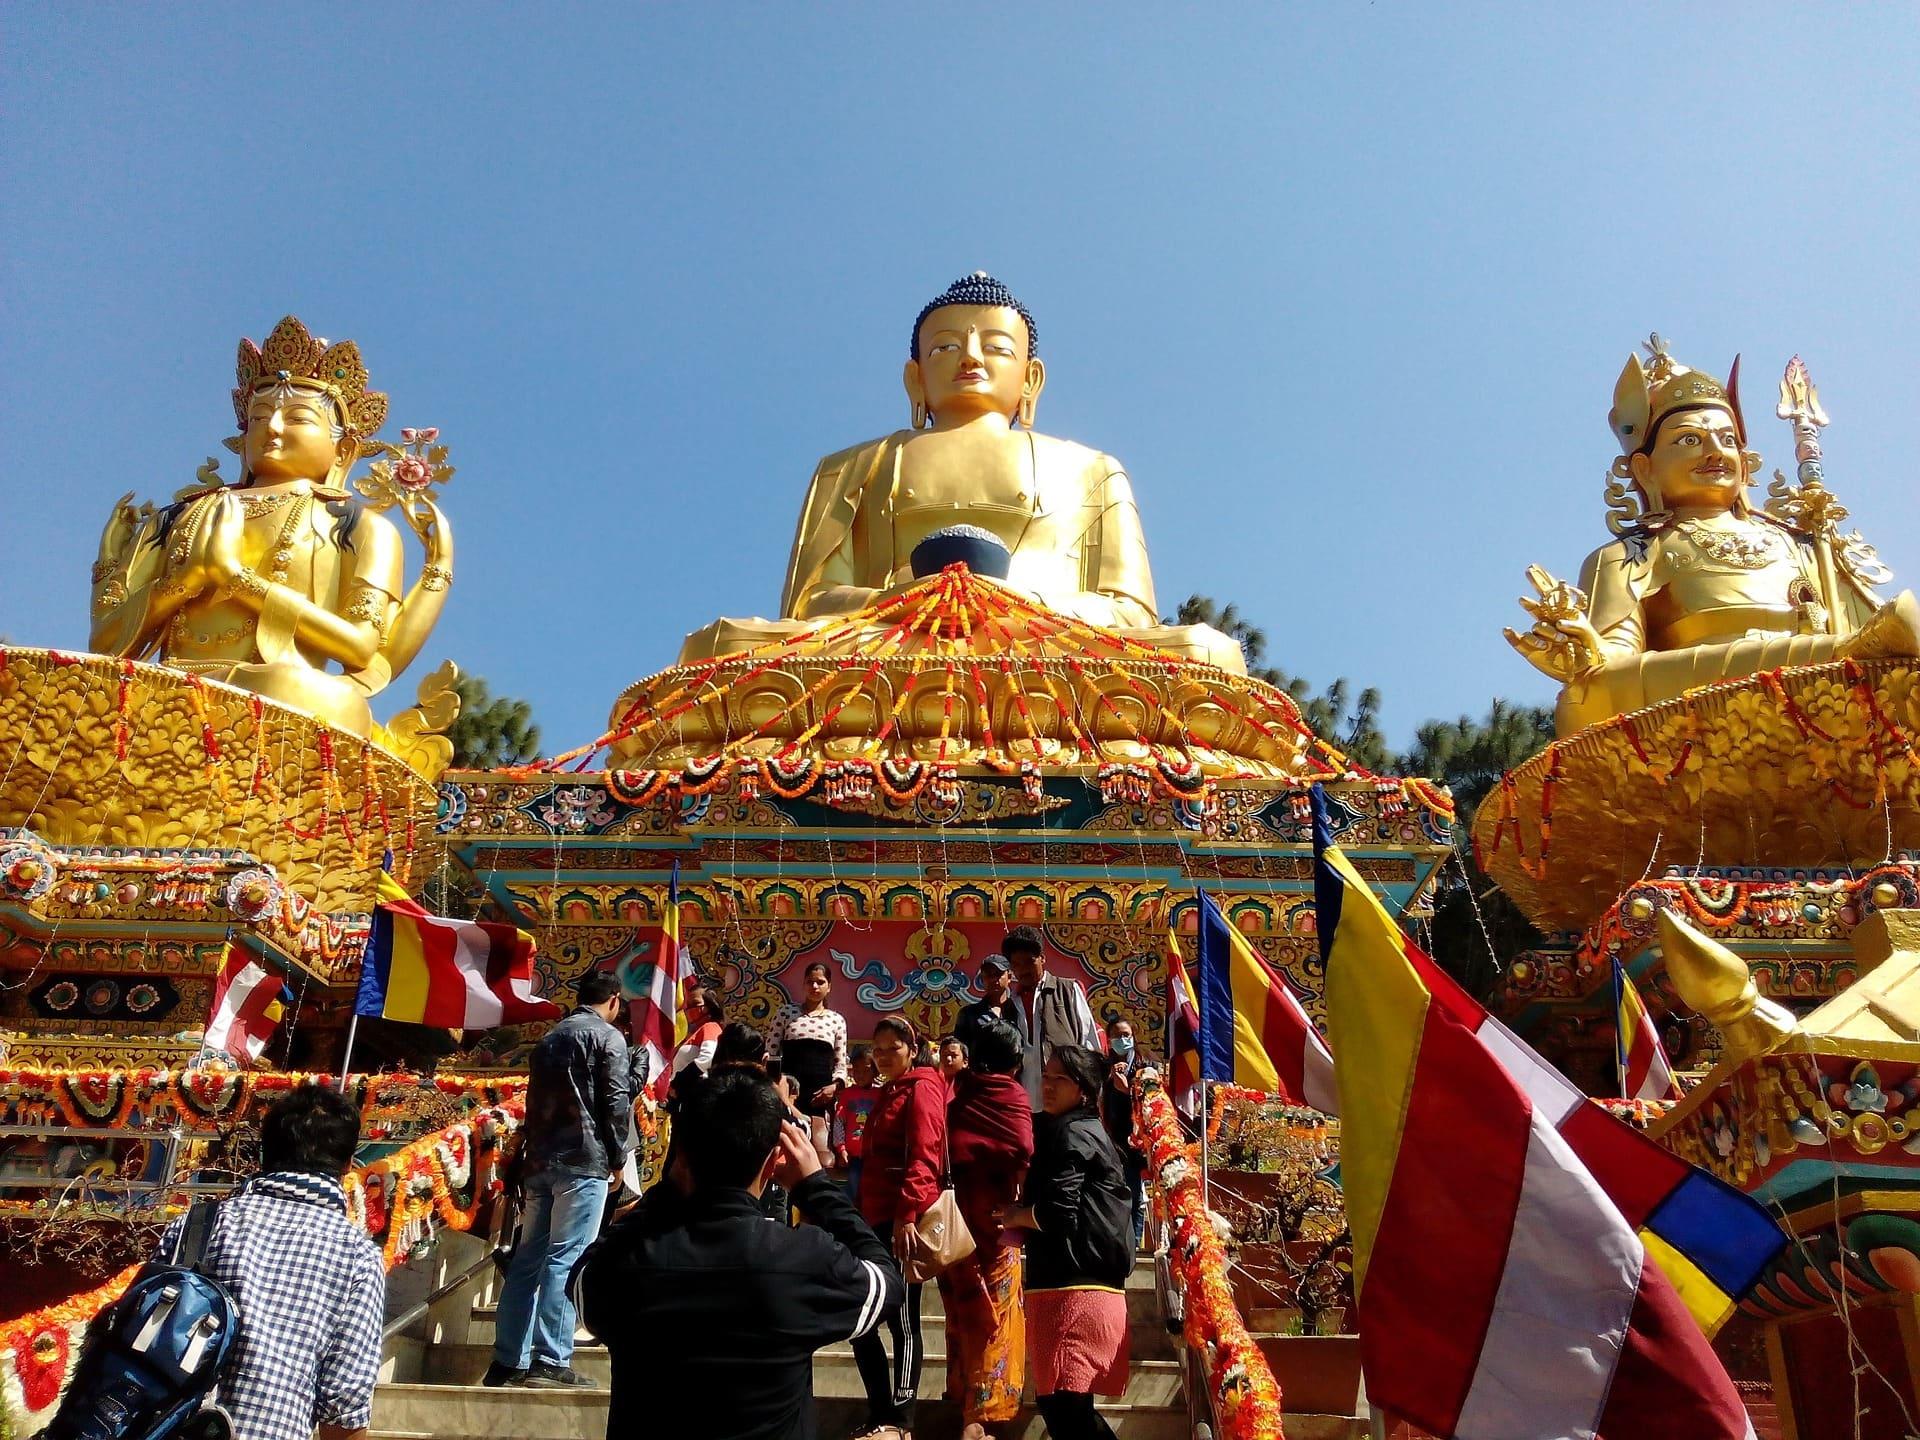 Buddha Statues in Kathmandu, Nepal